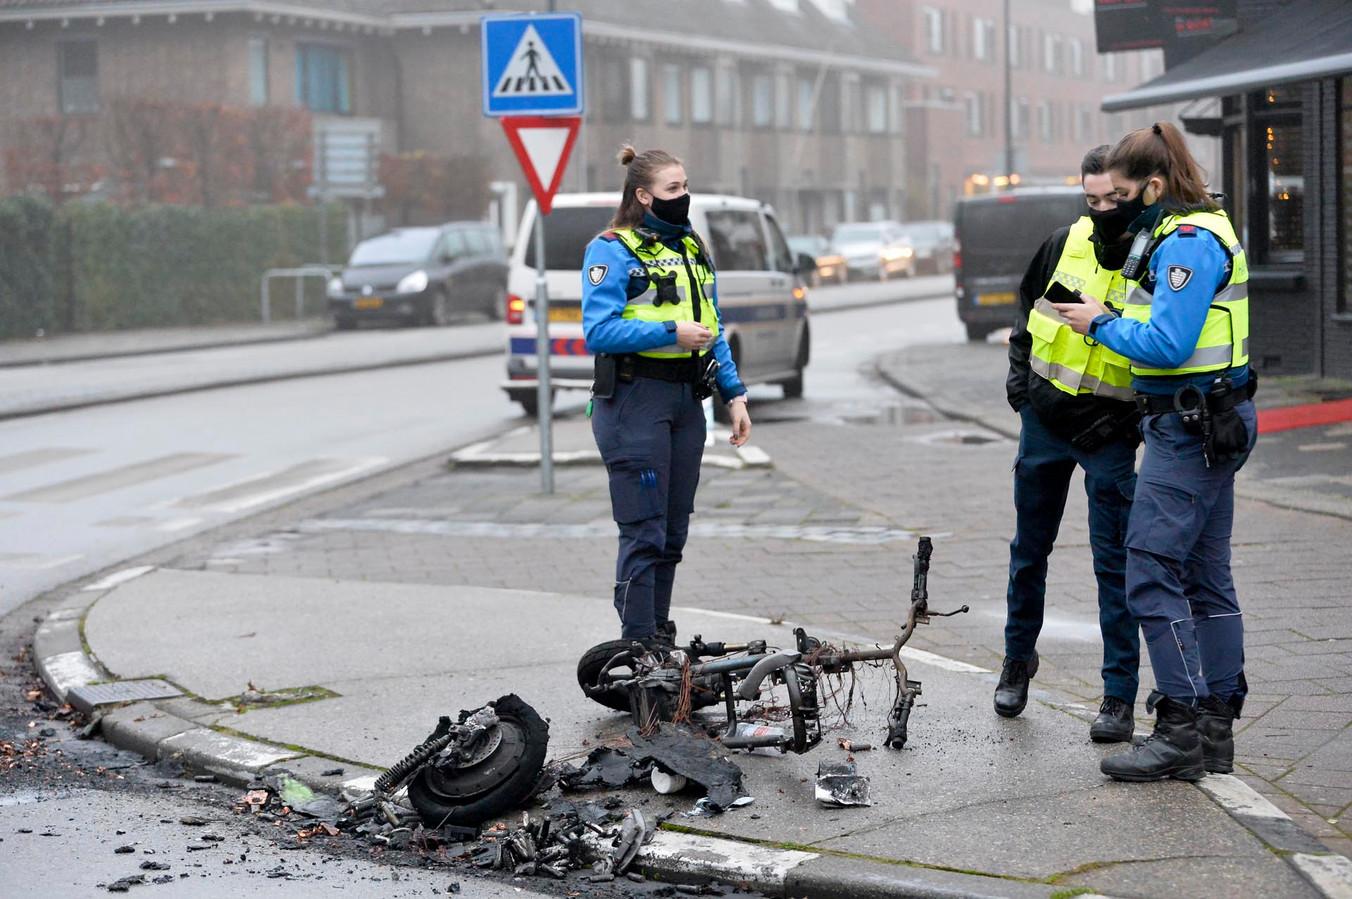 Naast de deelscooter werden flessen met brandbaar spul gevonden.